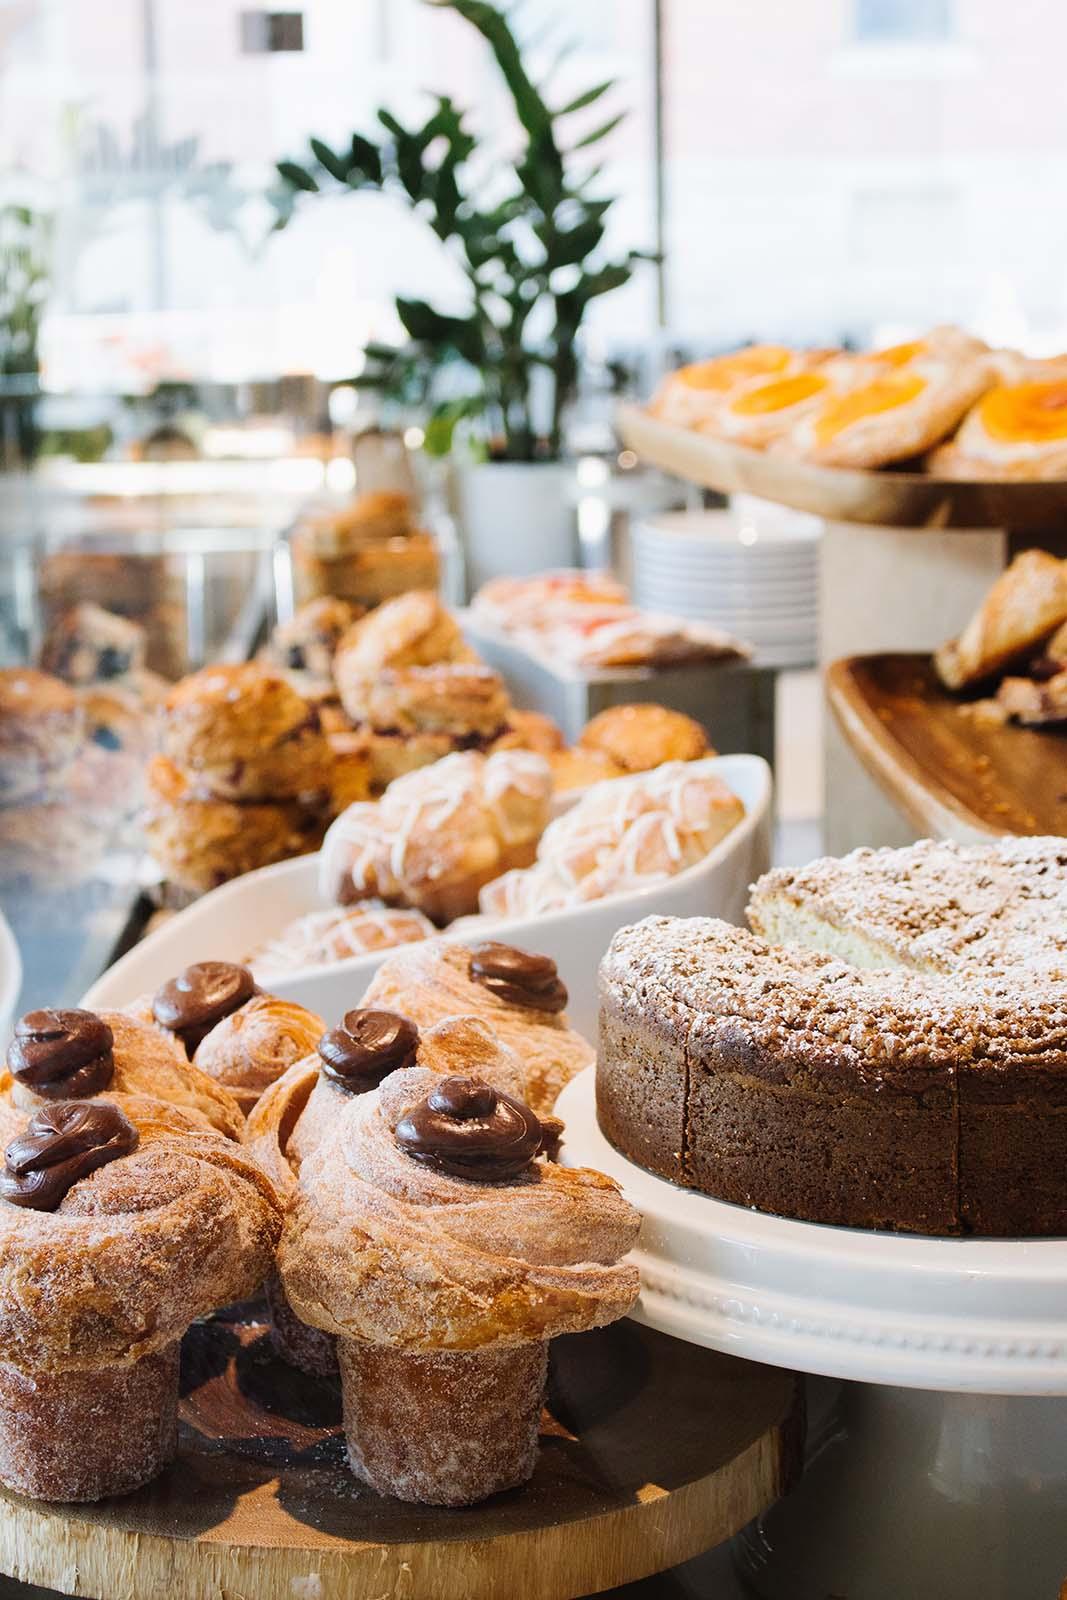 Bakery/Coffee Shops